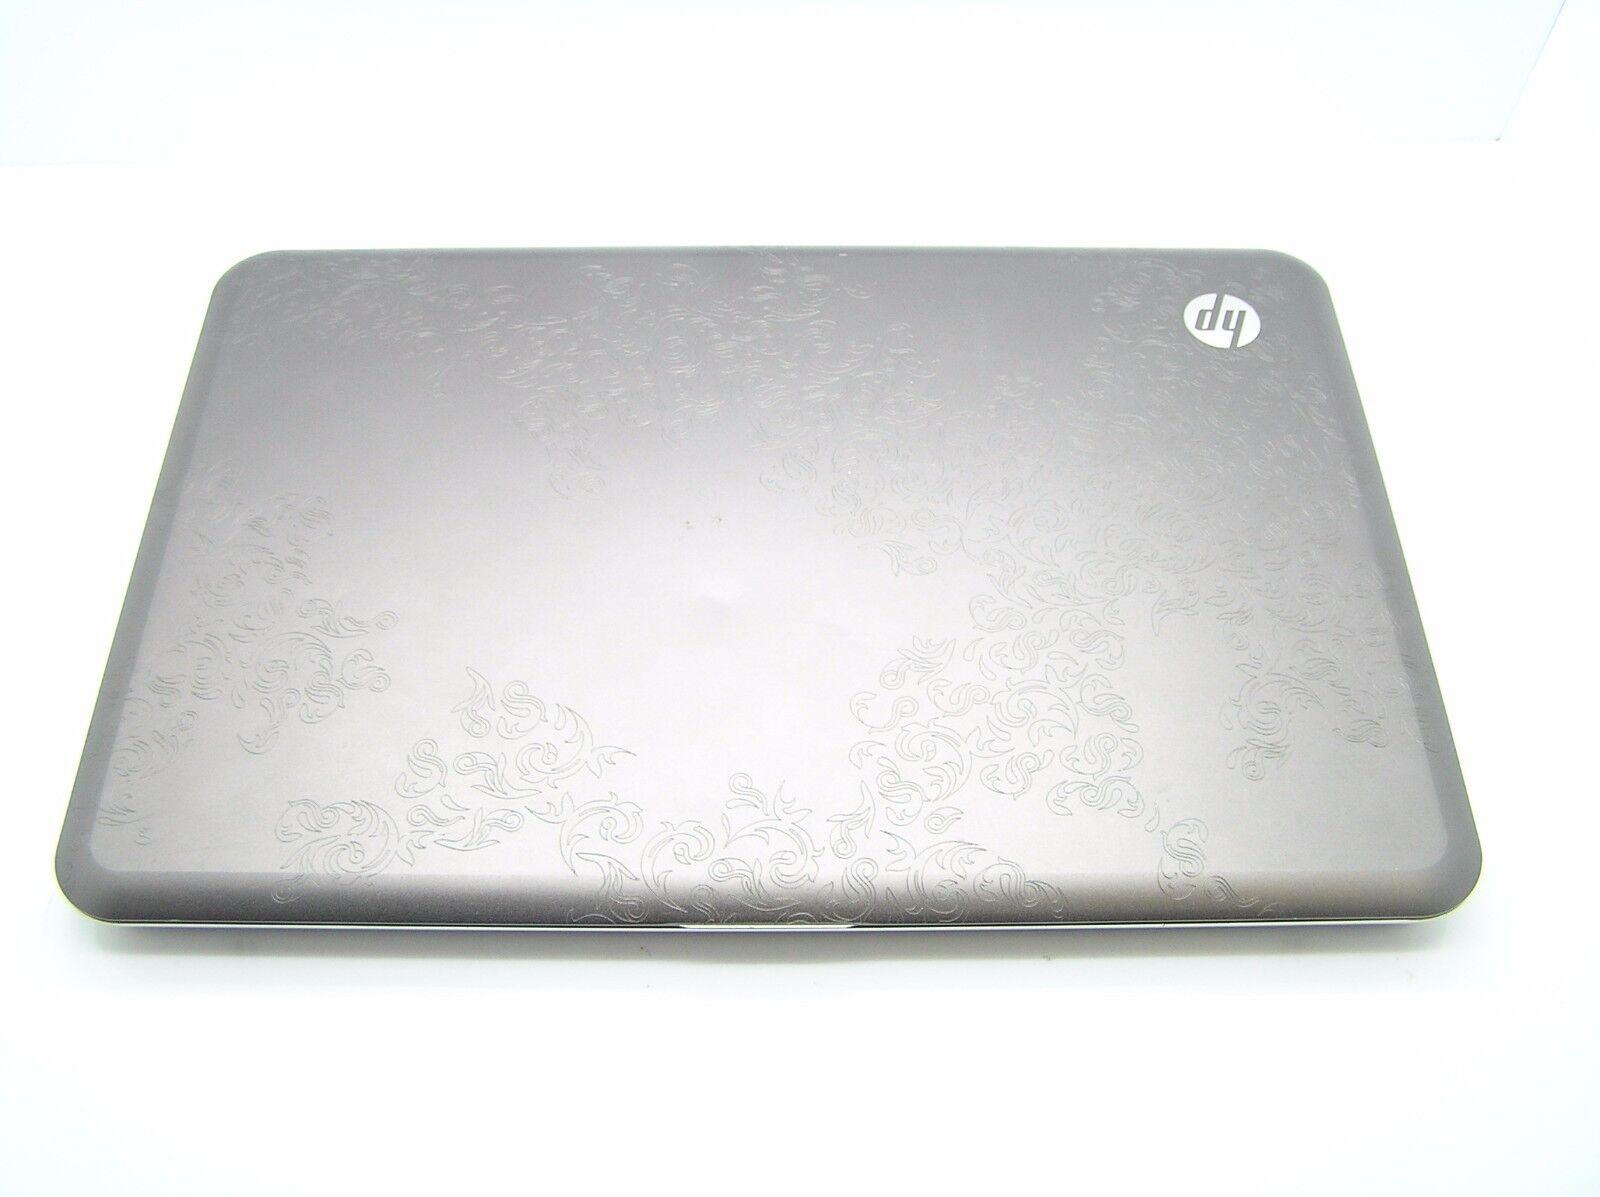 """HP Envy 13 13.1"""" Intel Core 2 Duo SL9400 1.86 GHz 1366x768 pixel glossy Laptop"""